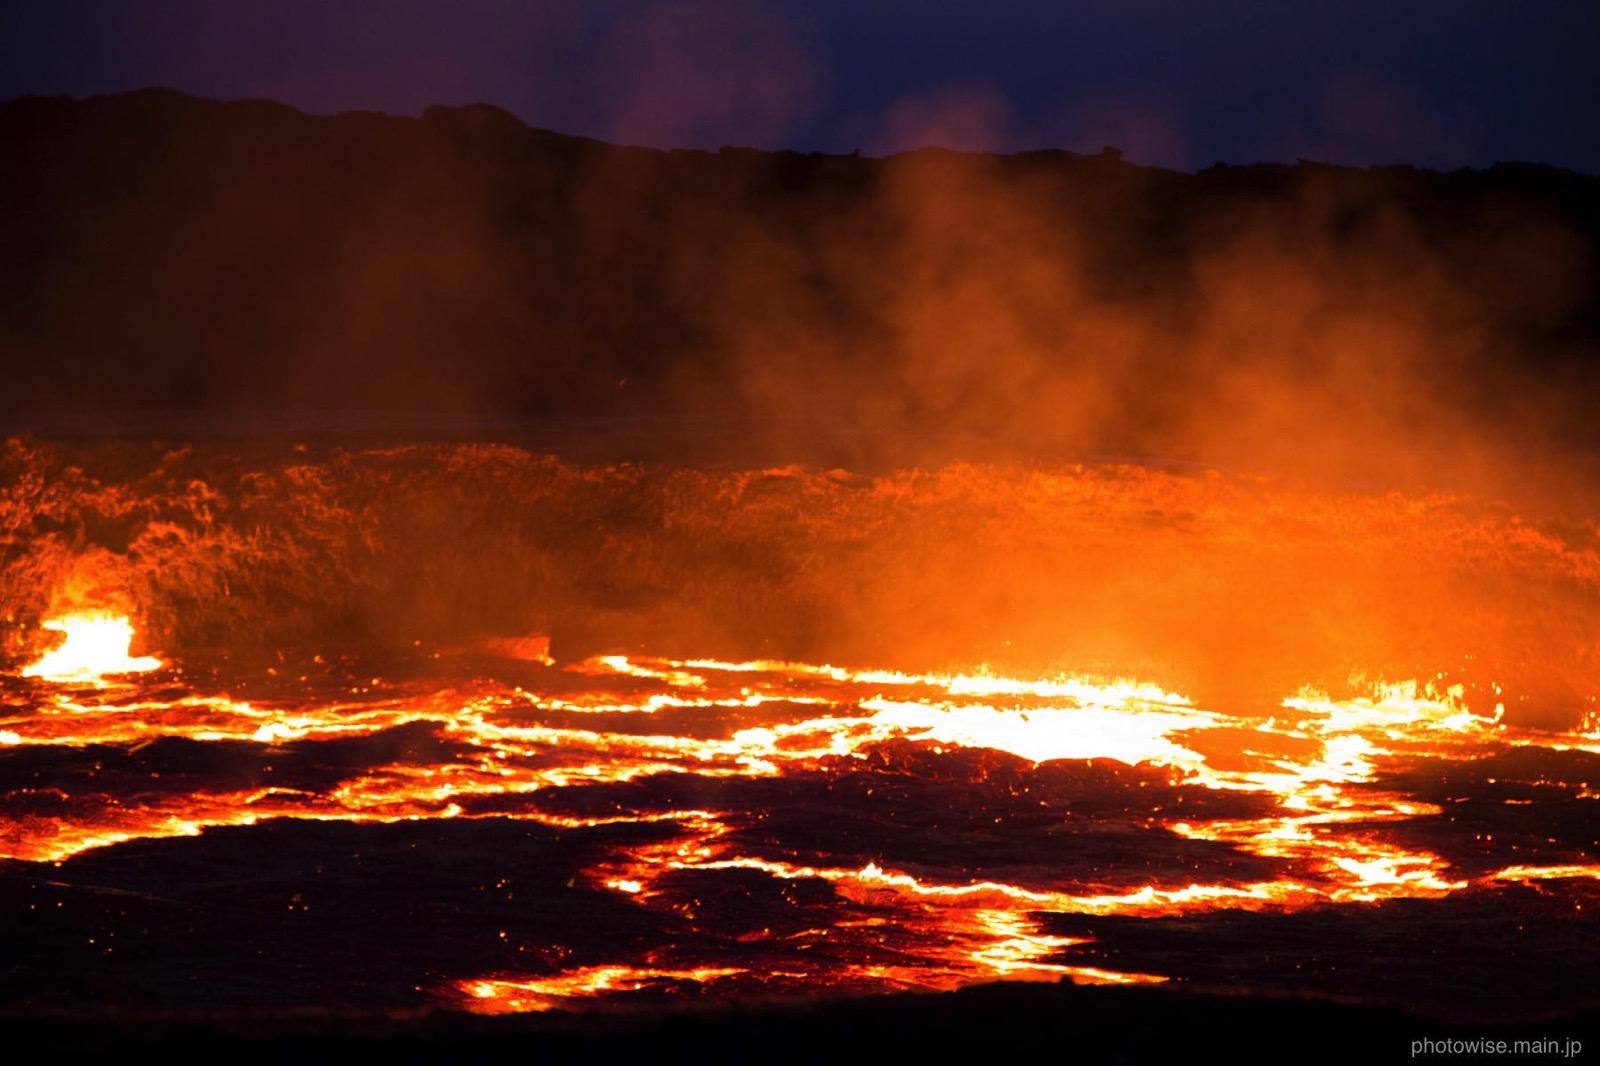 エルタ・アレ火山の朝